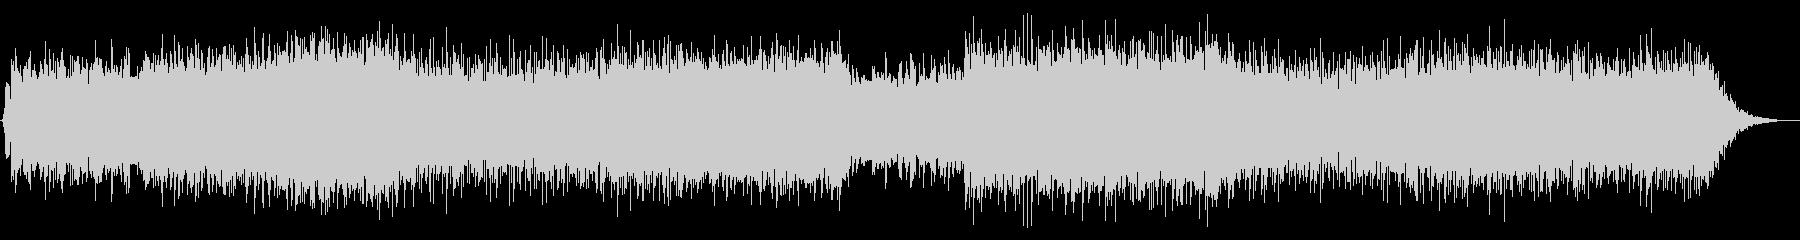 ピアノメインのミドルテンポバラードの未再生の波形